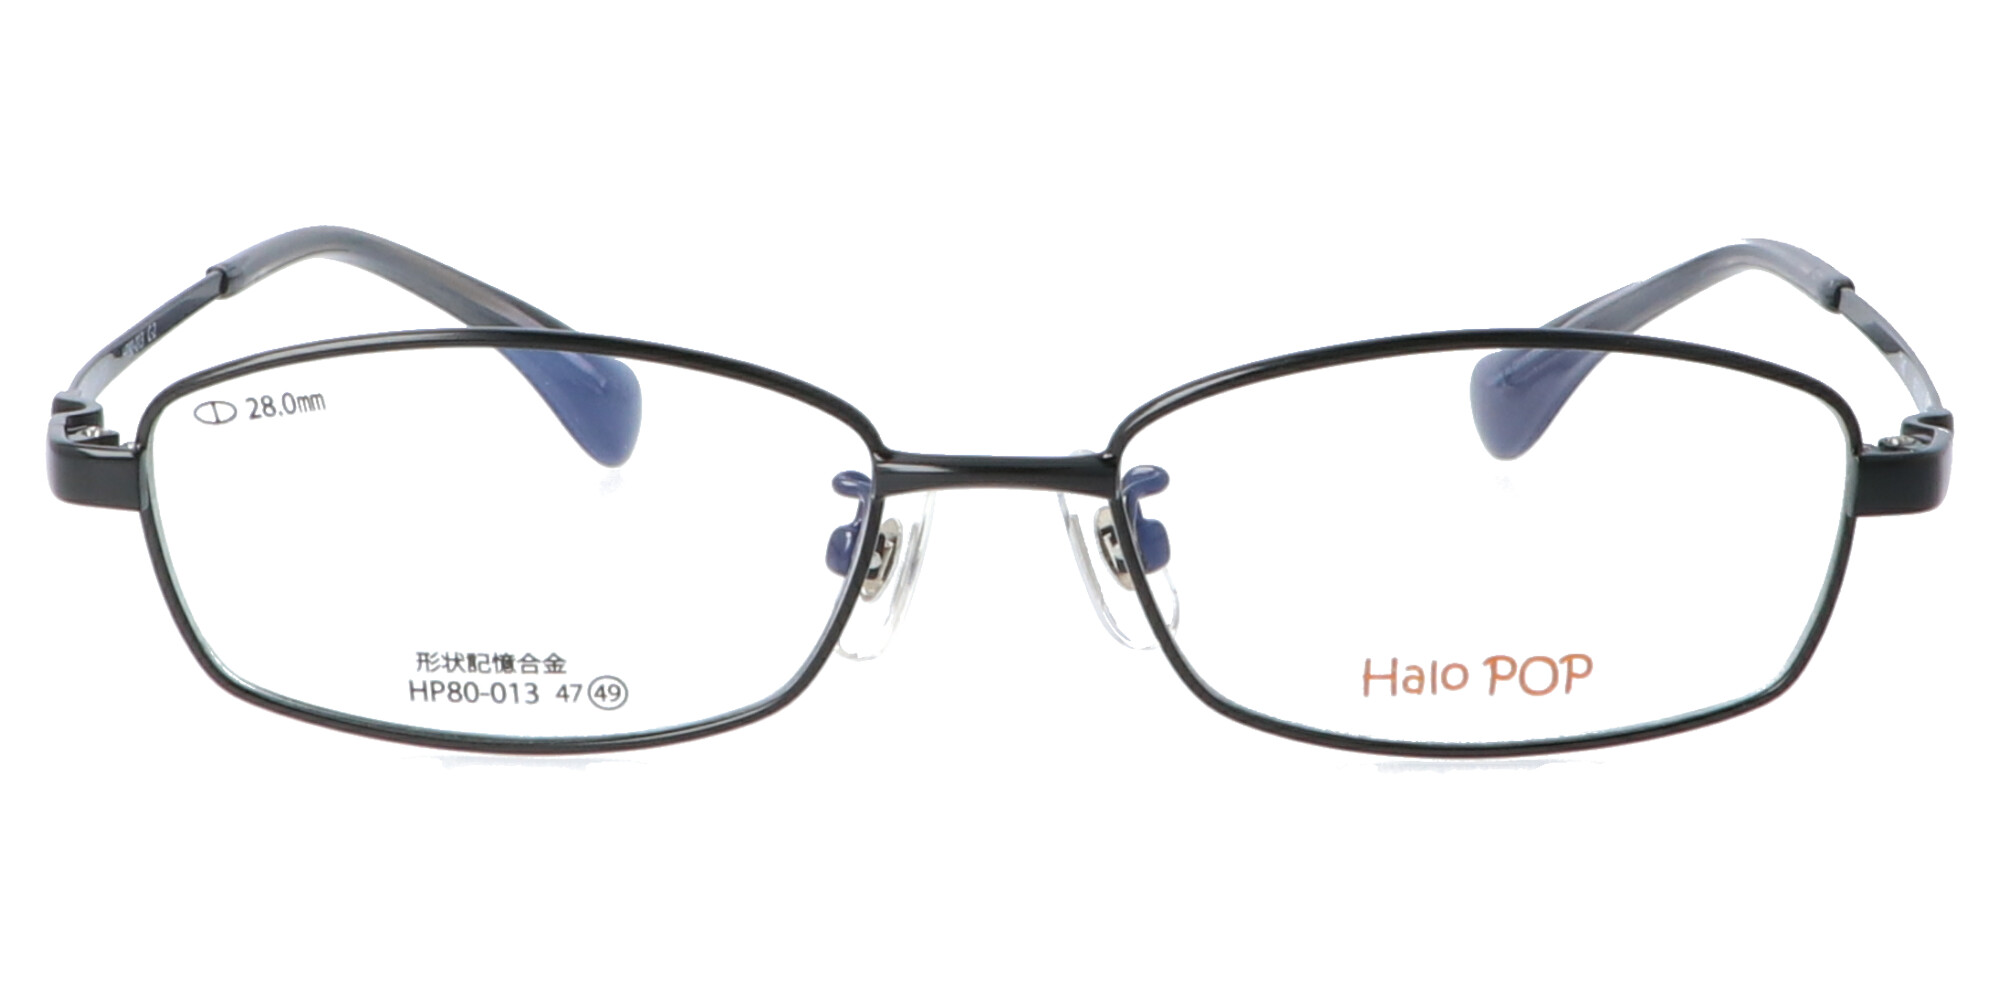 ハローポップ HP80-013_49_マットブラック